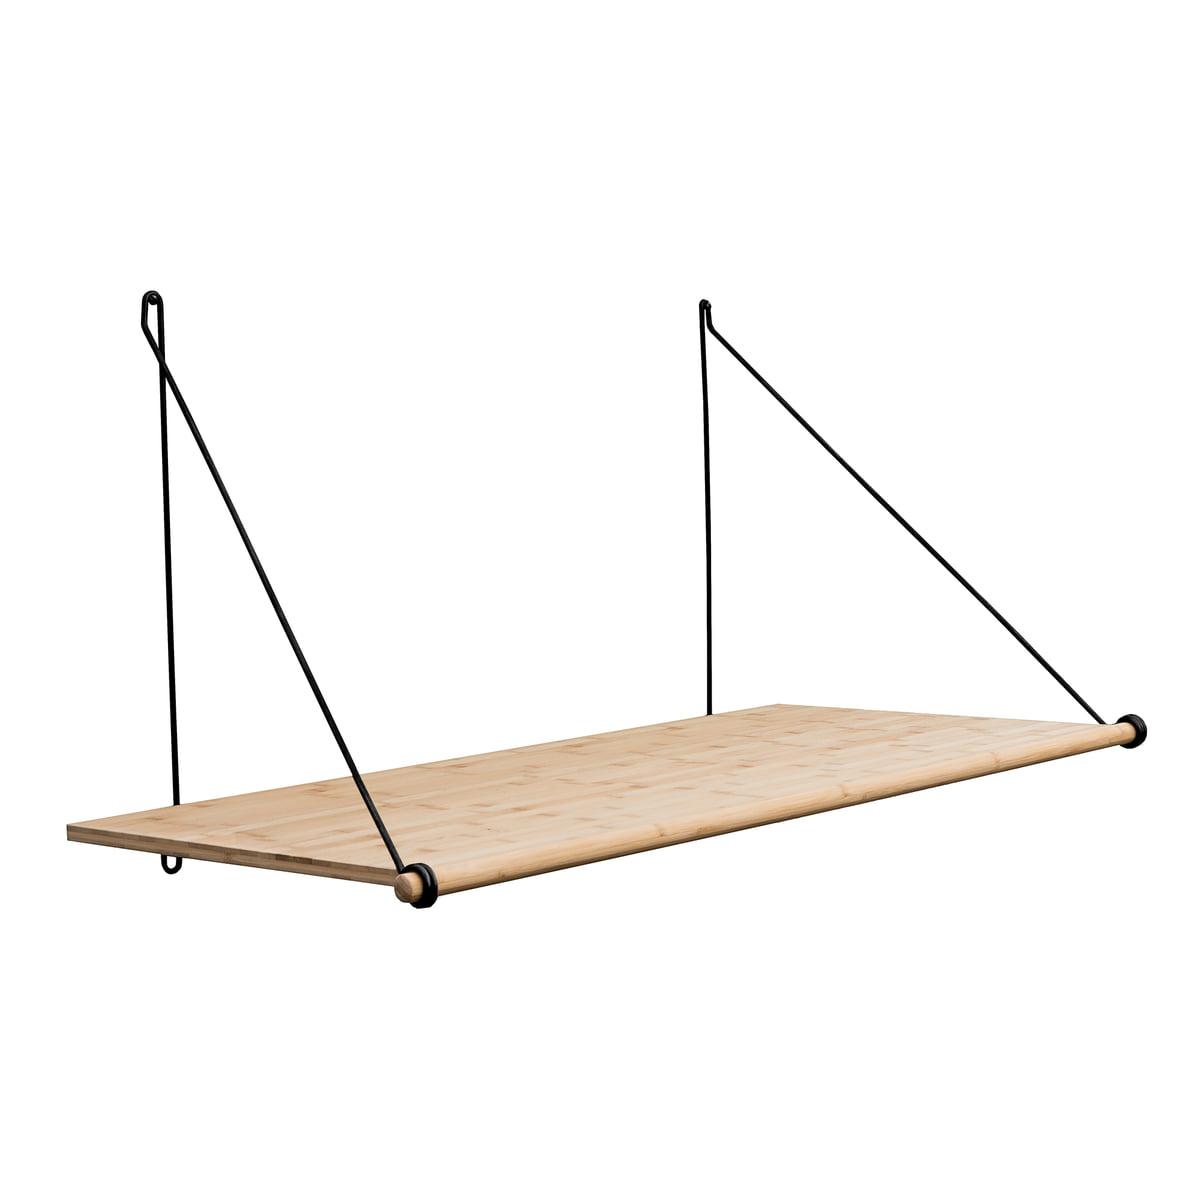 We do wood - Bureau en boucle, bambou / acier noir